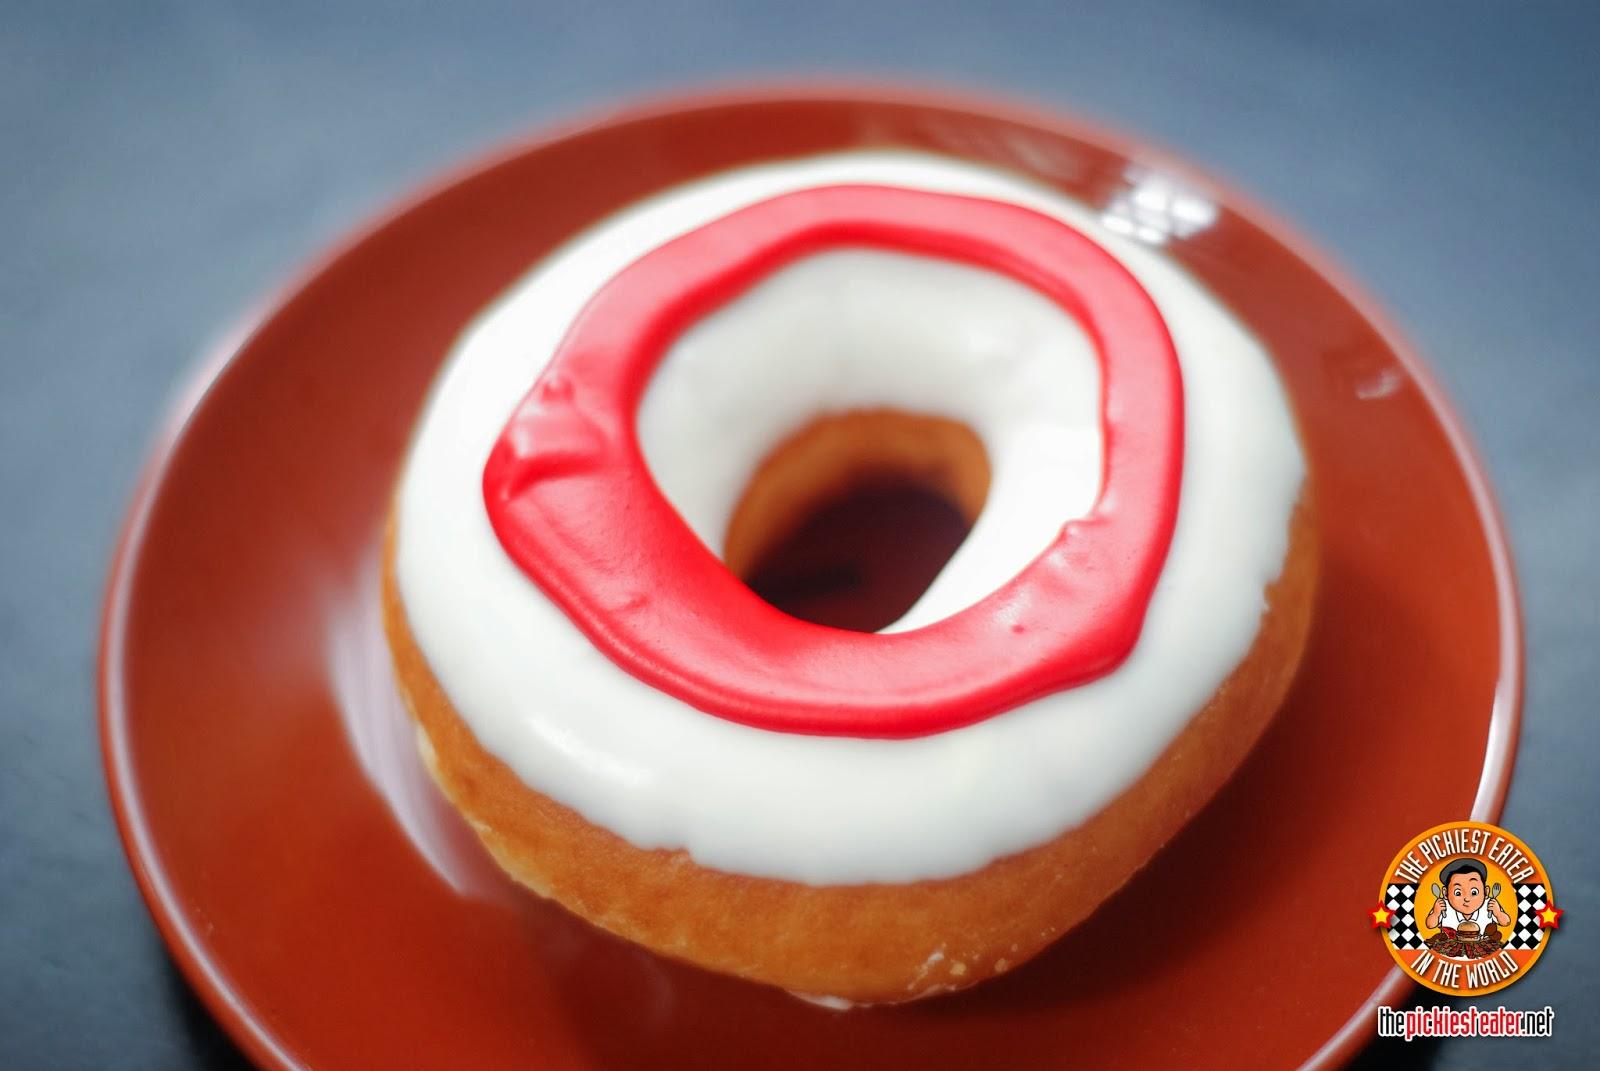 krispy kreme hug doughnut